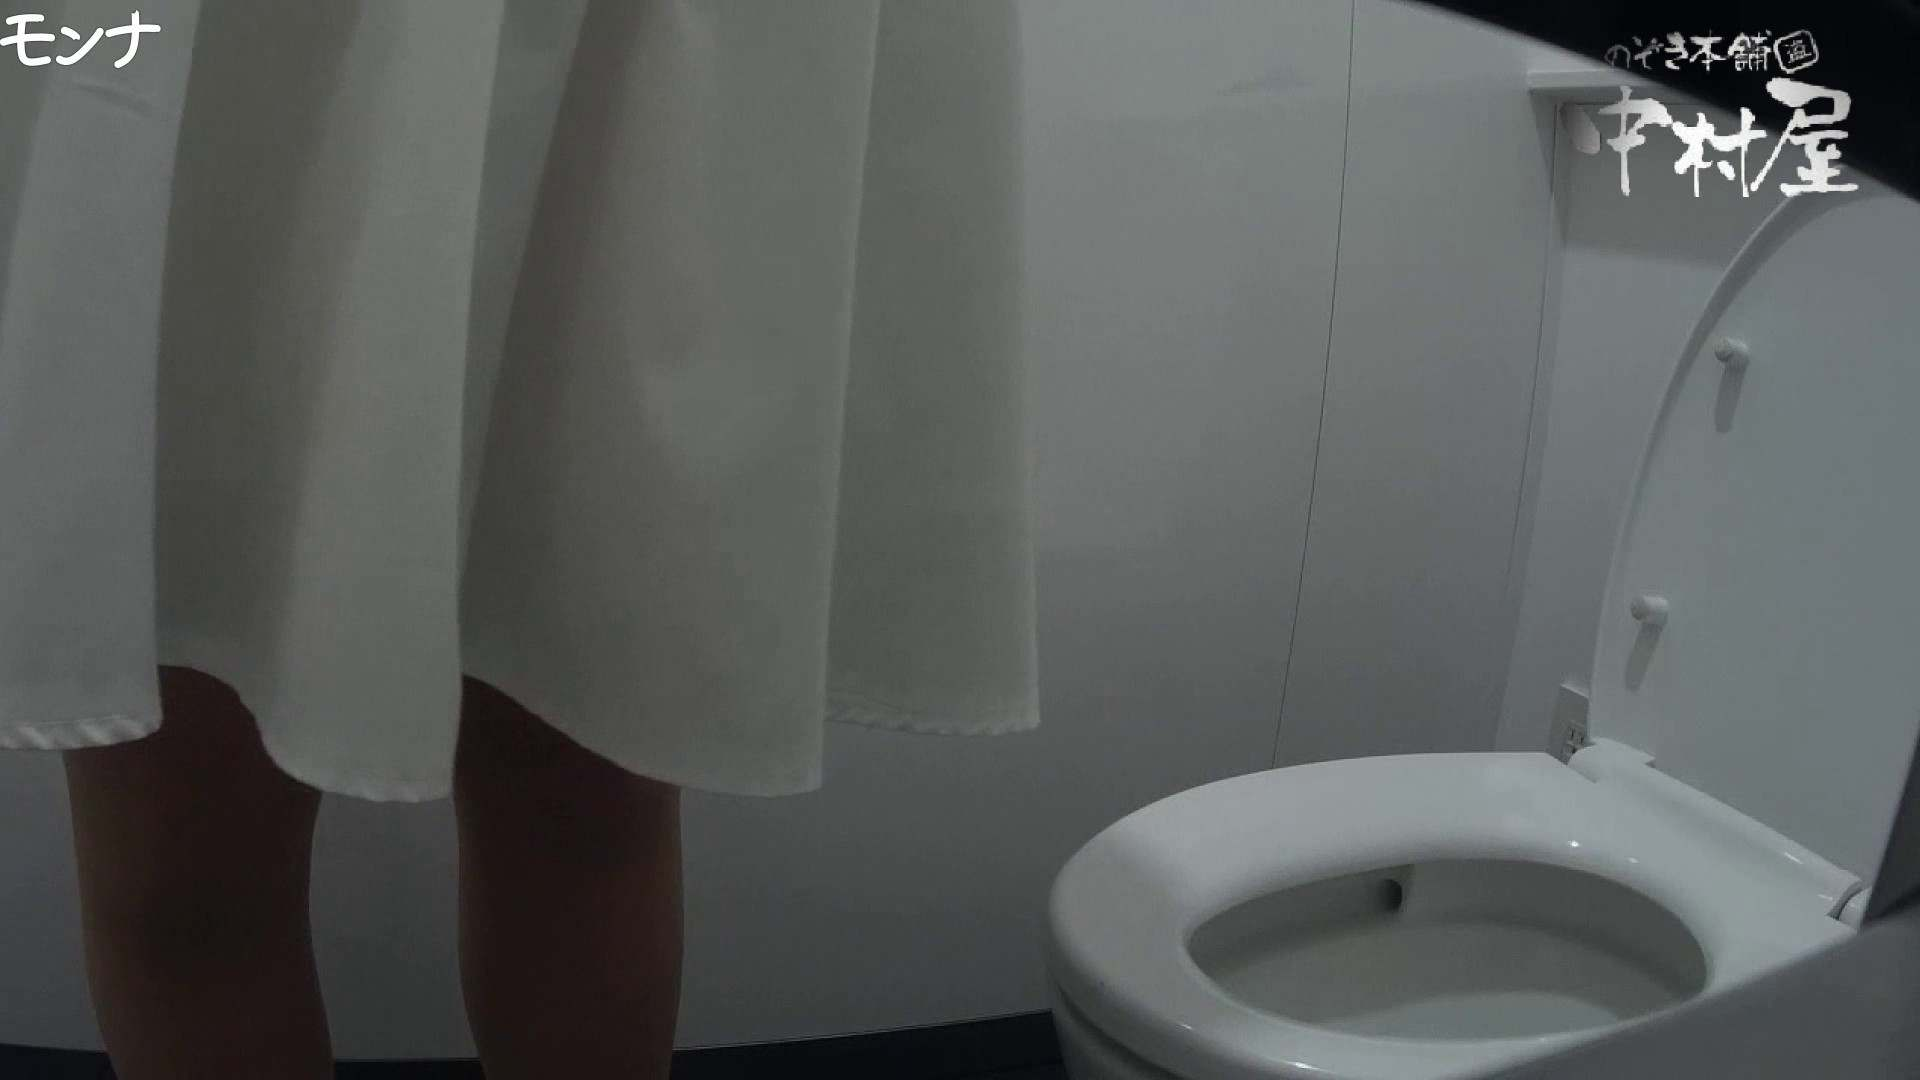 有名大学女性洗面所 vol.65 秘技!!マルチアングル天井撮り!! 和式 | 洗面所  91pic 18